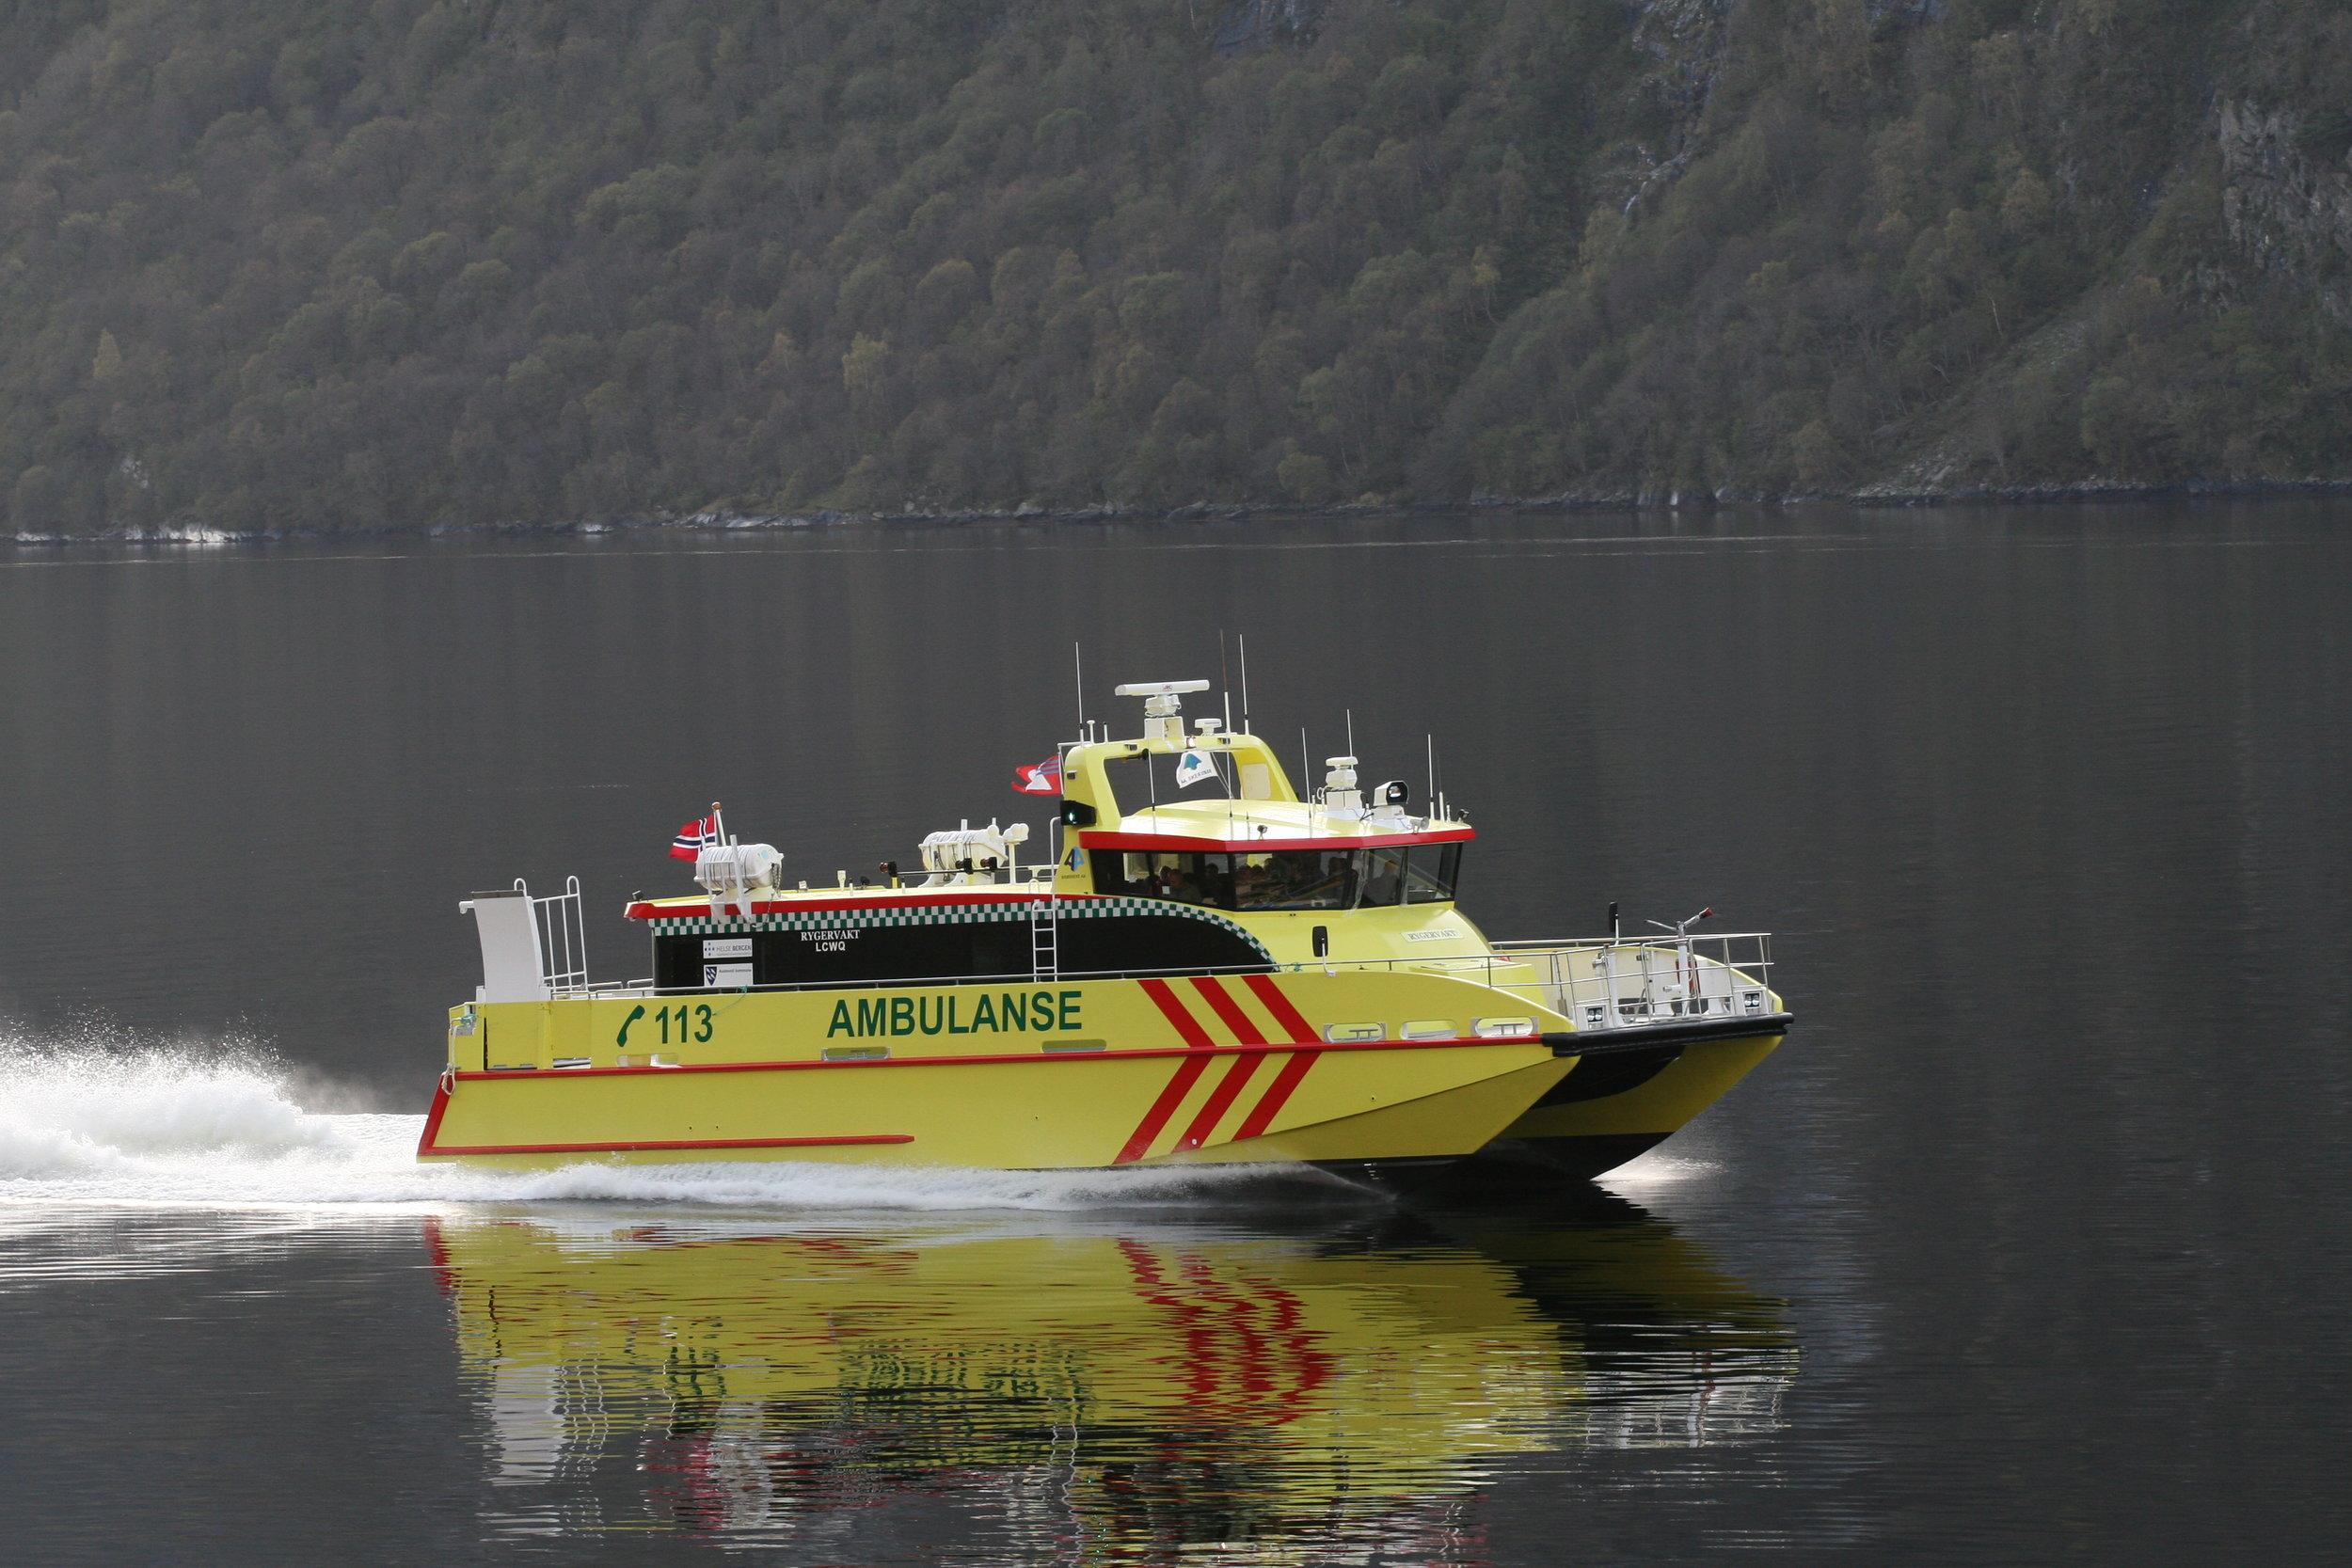 båt 014.jpg